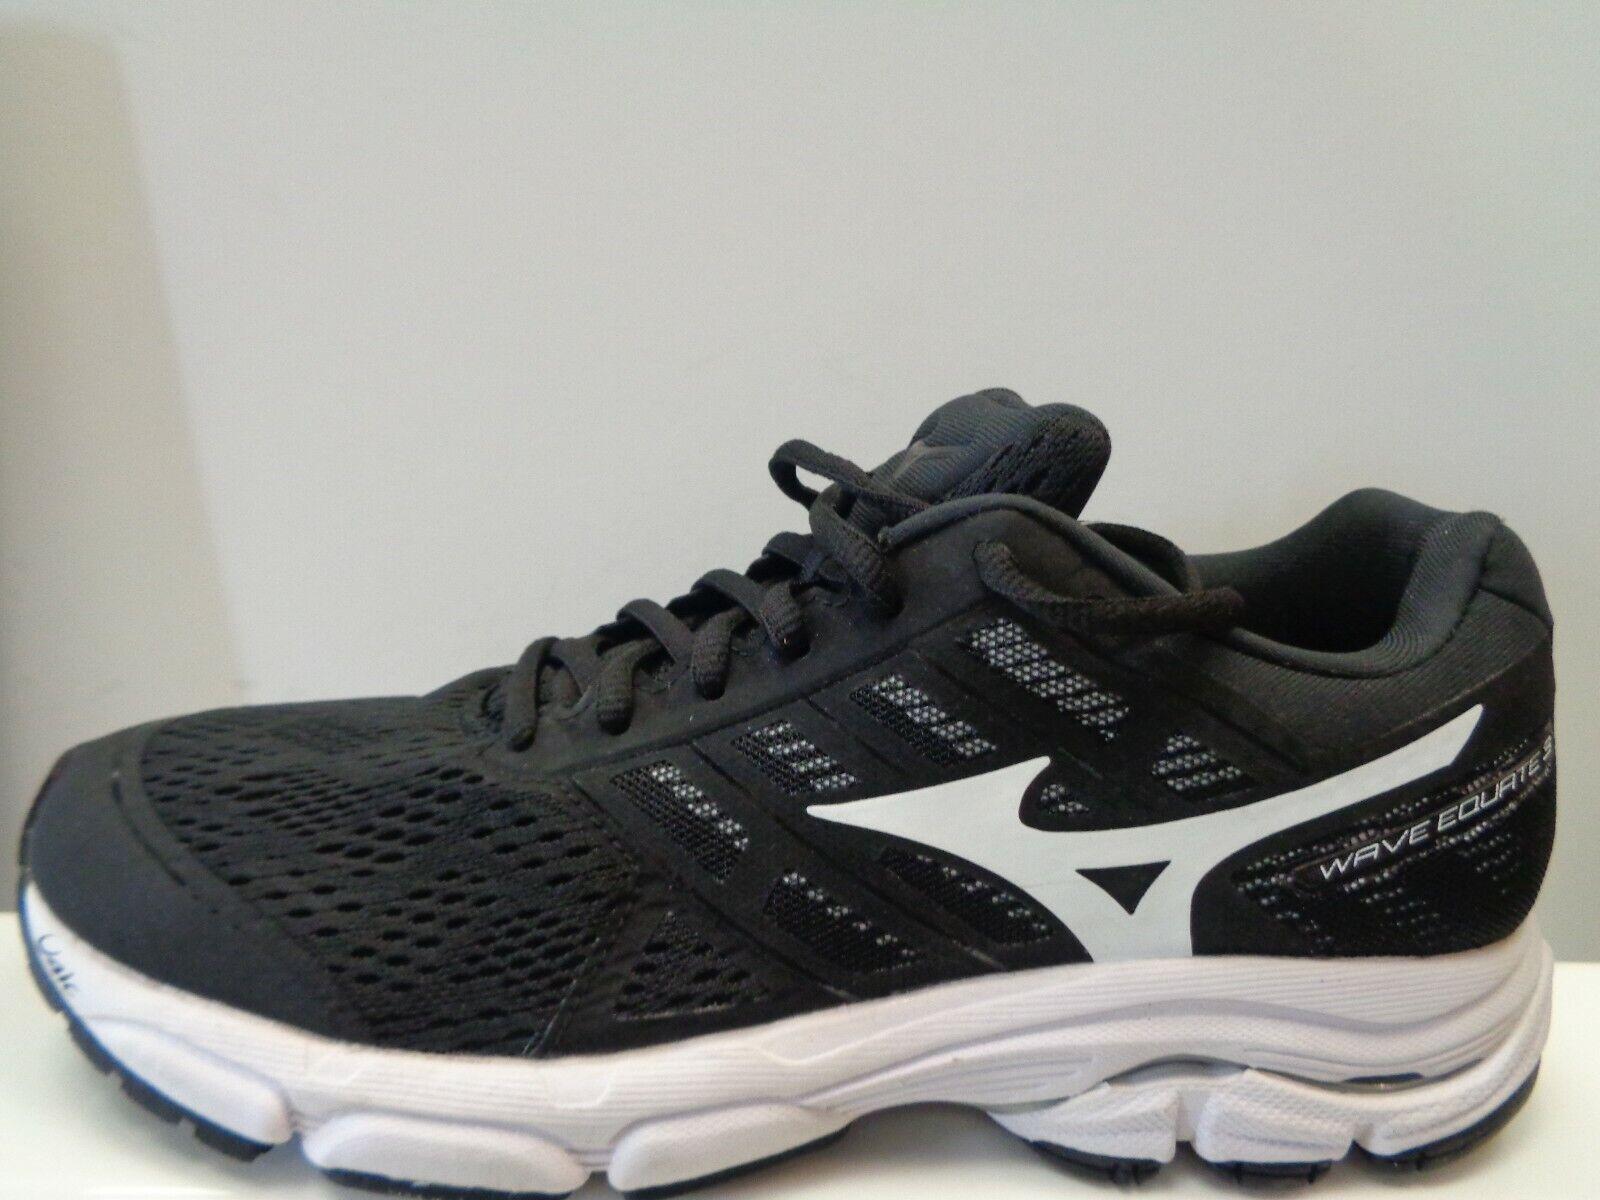 Mizuno Wave Equate 3 Men's Running Trainers UK 8 US 10.5 EUR 42 Ref 7448